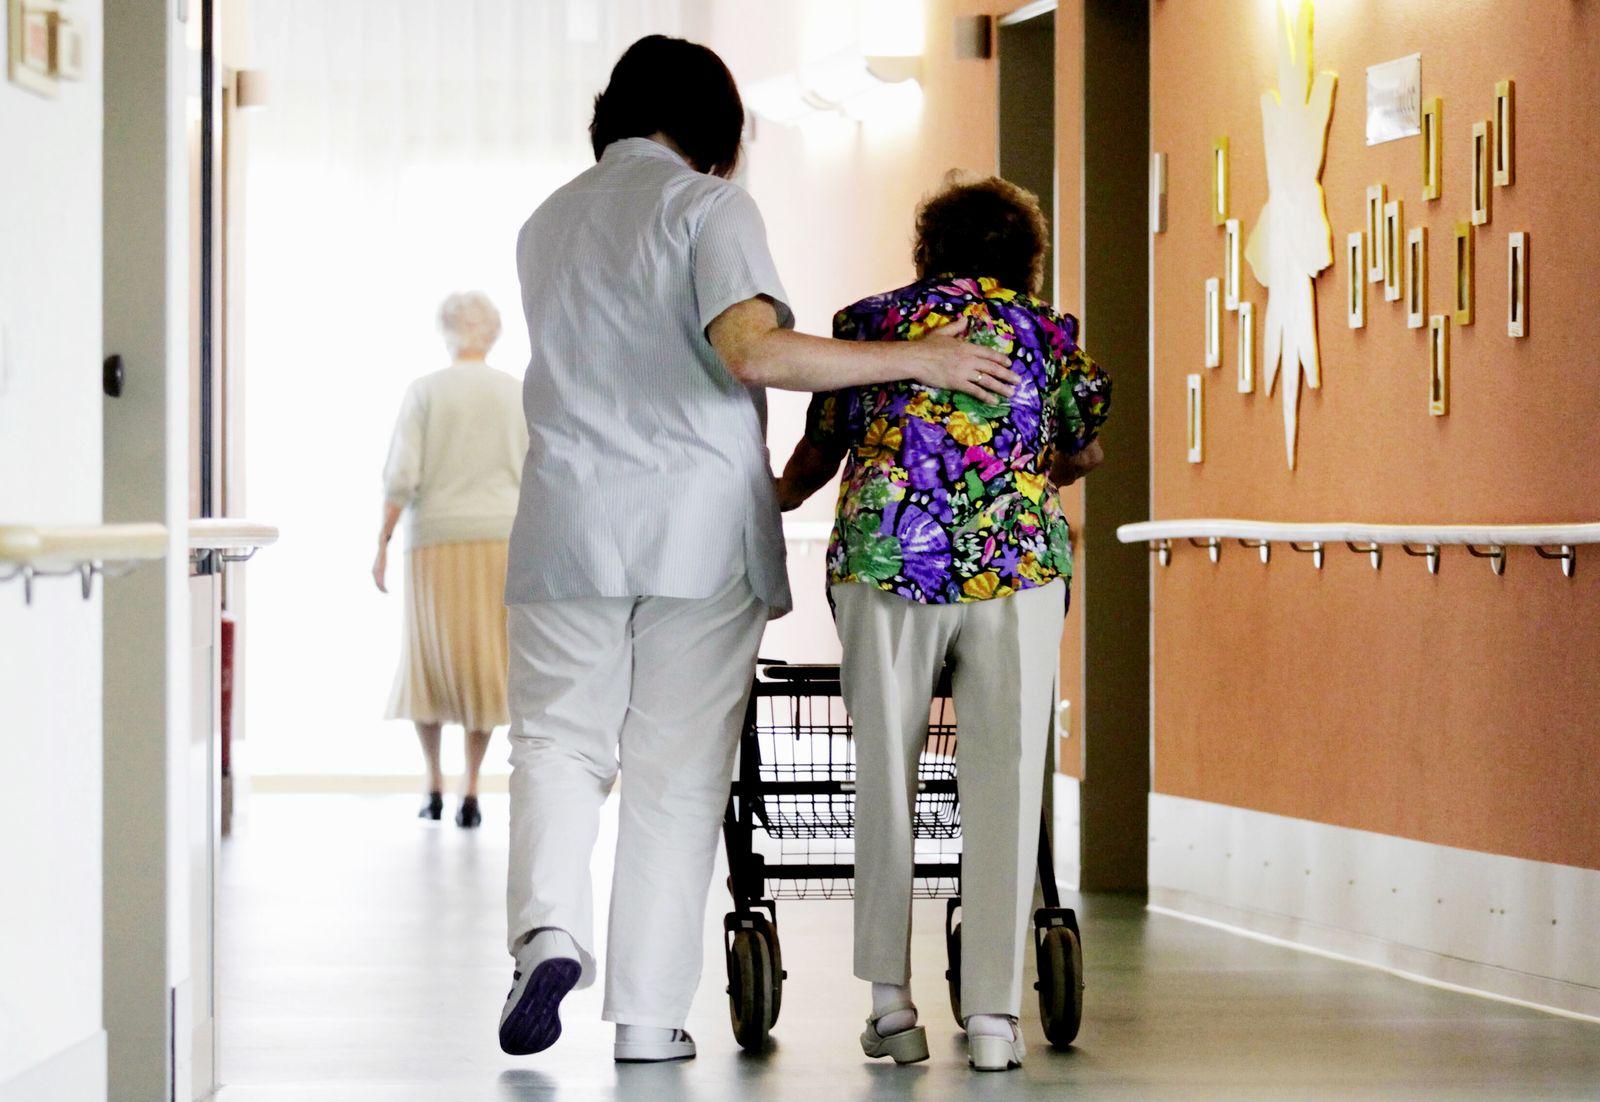 NICHT VERWENDEN Mindestloehne Pflegekraefte